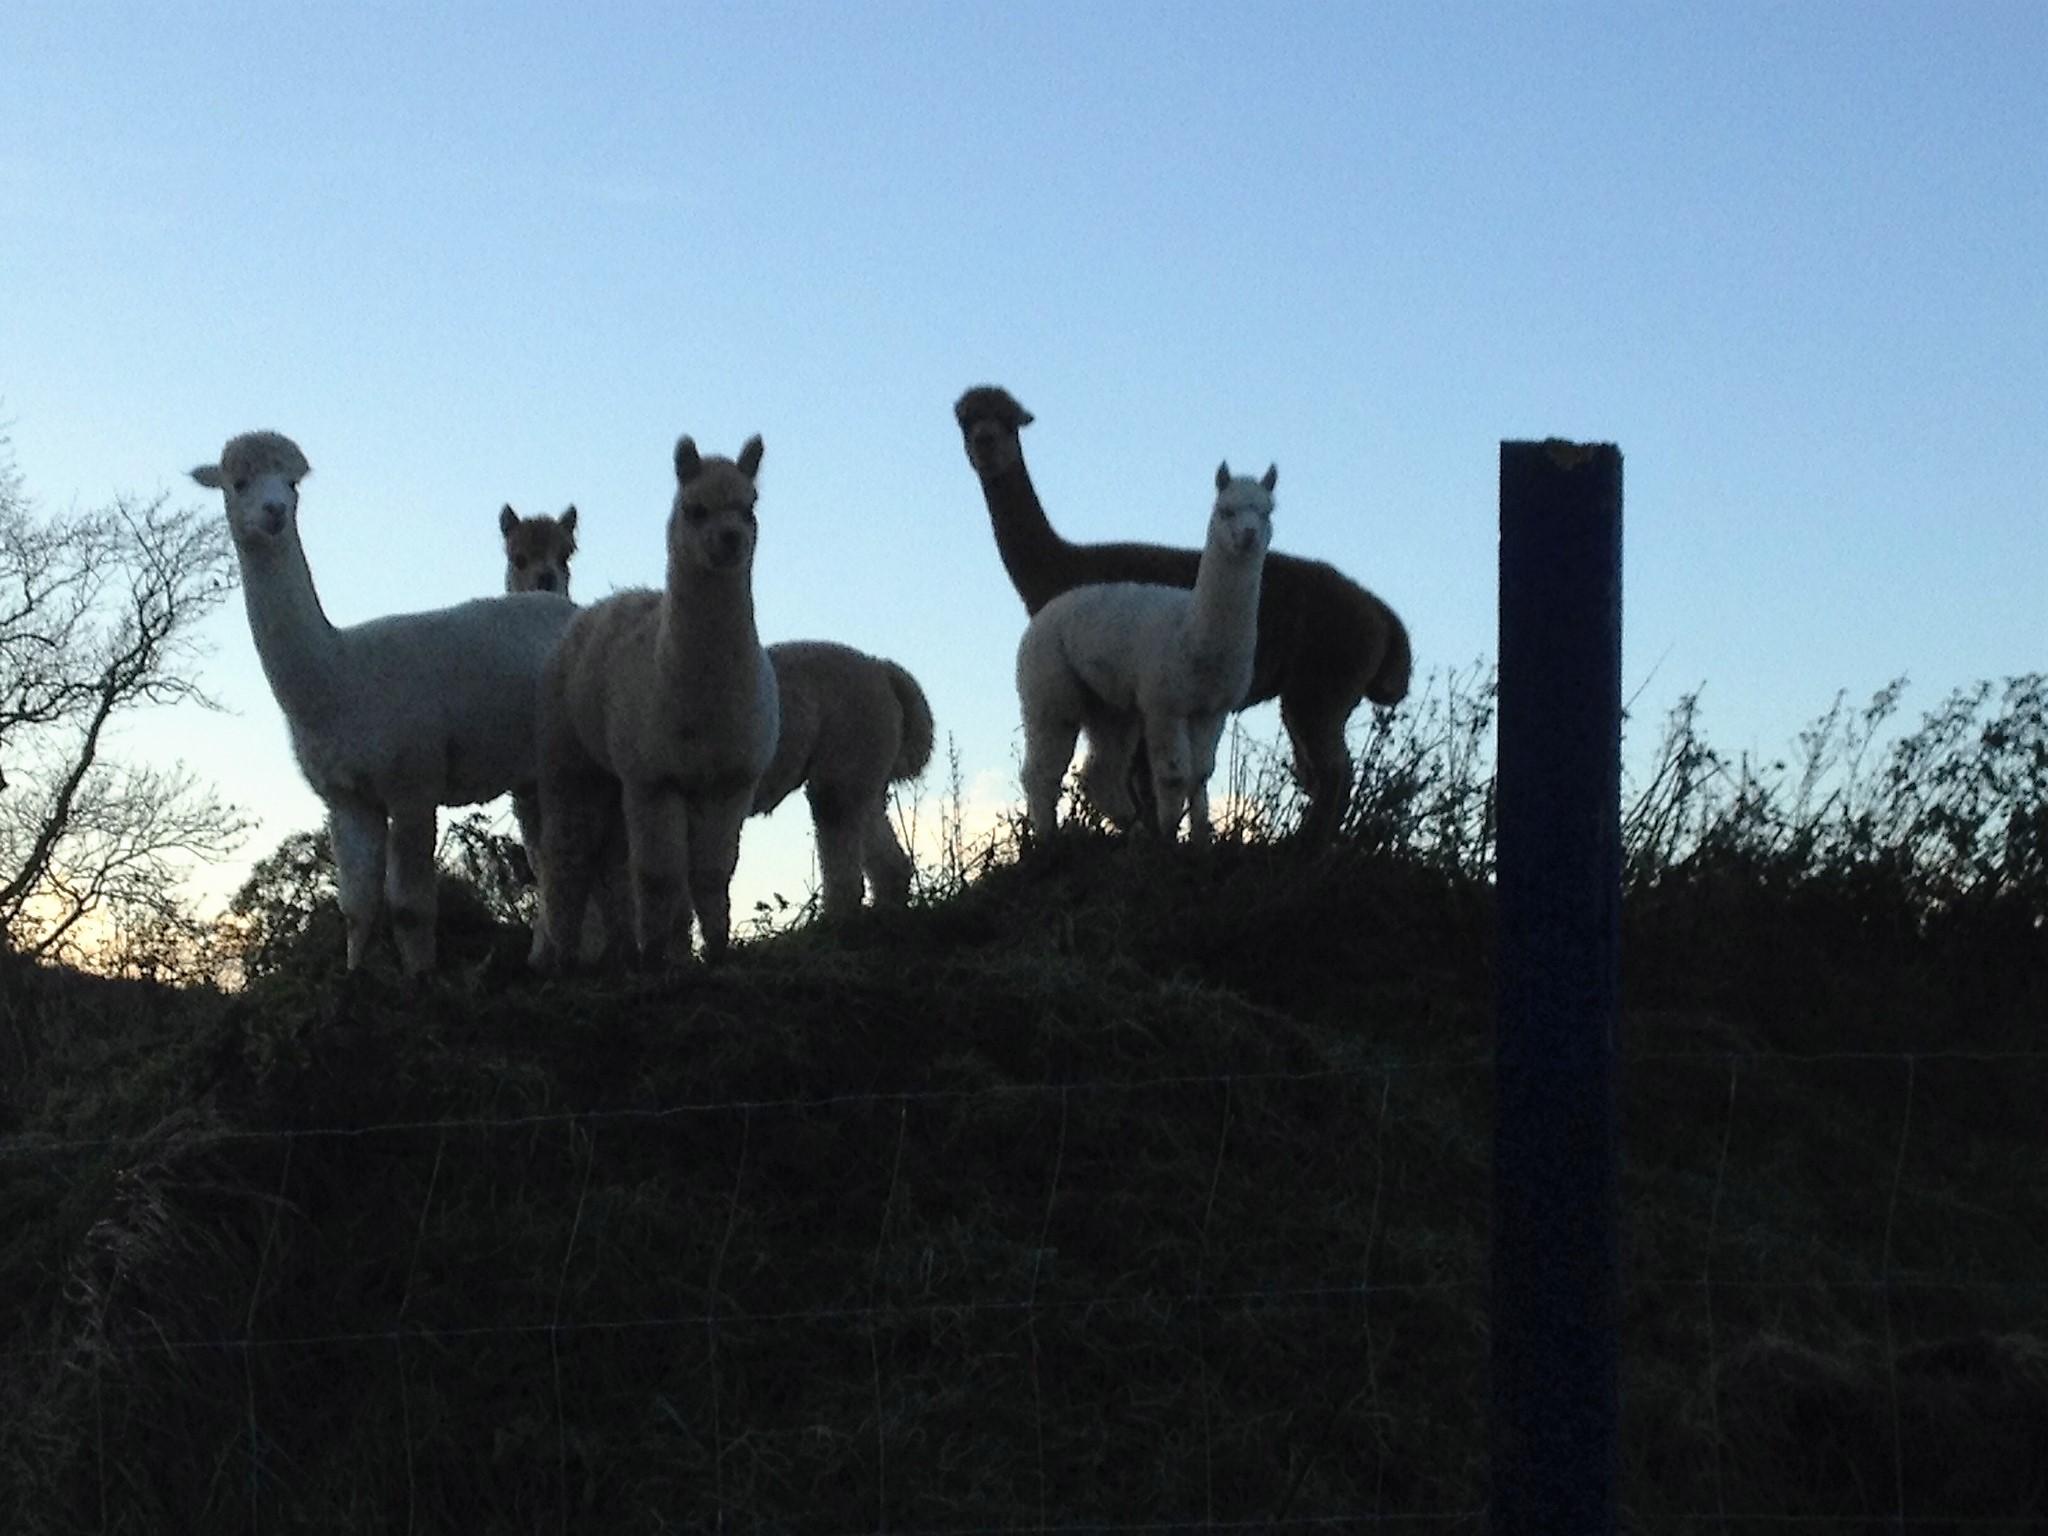 Alpacas at dusk